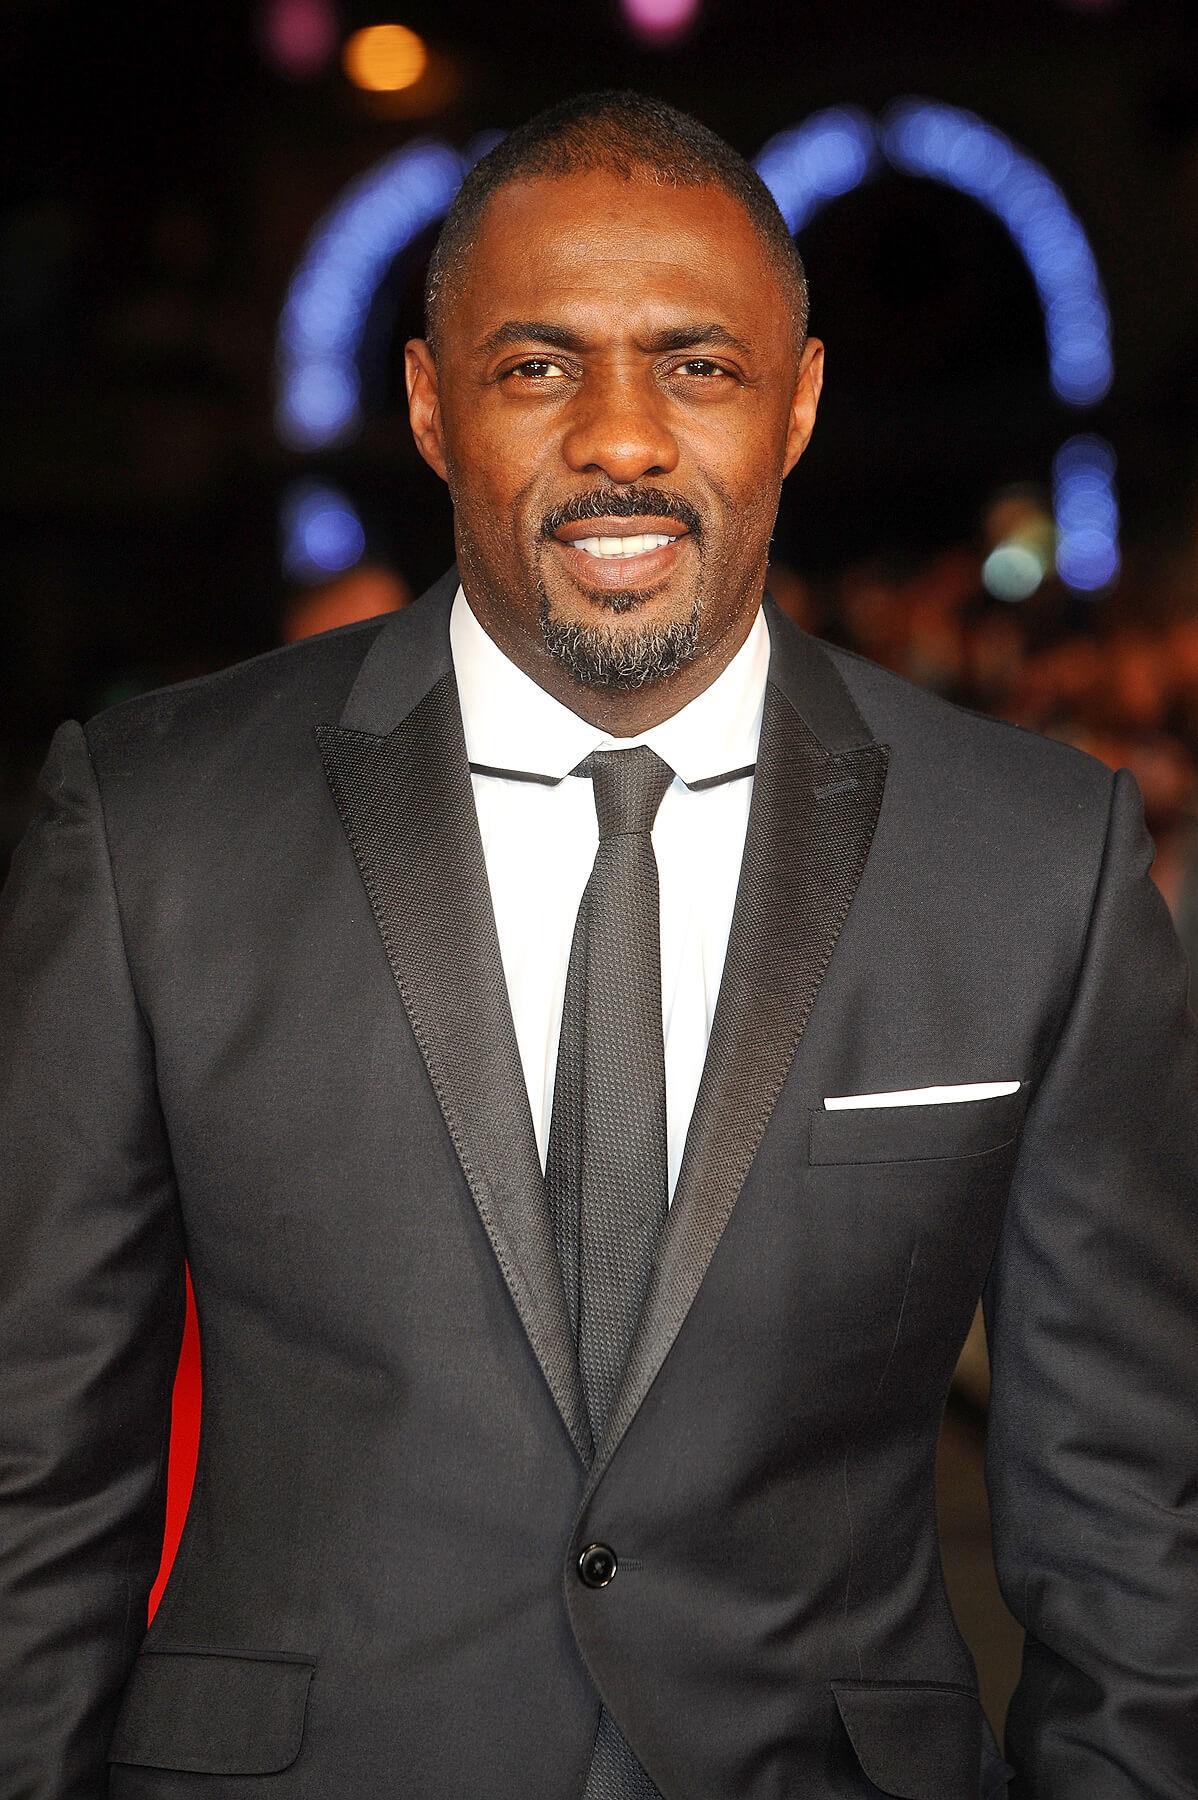 Top 10 gương mặt đẹp nhất thế giới 2018 - Idris Elba